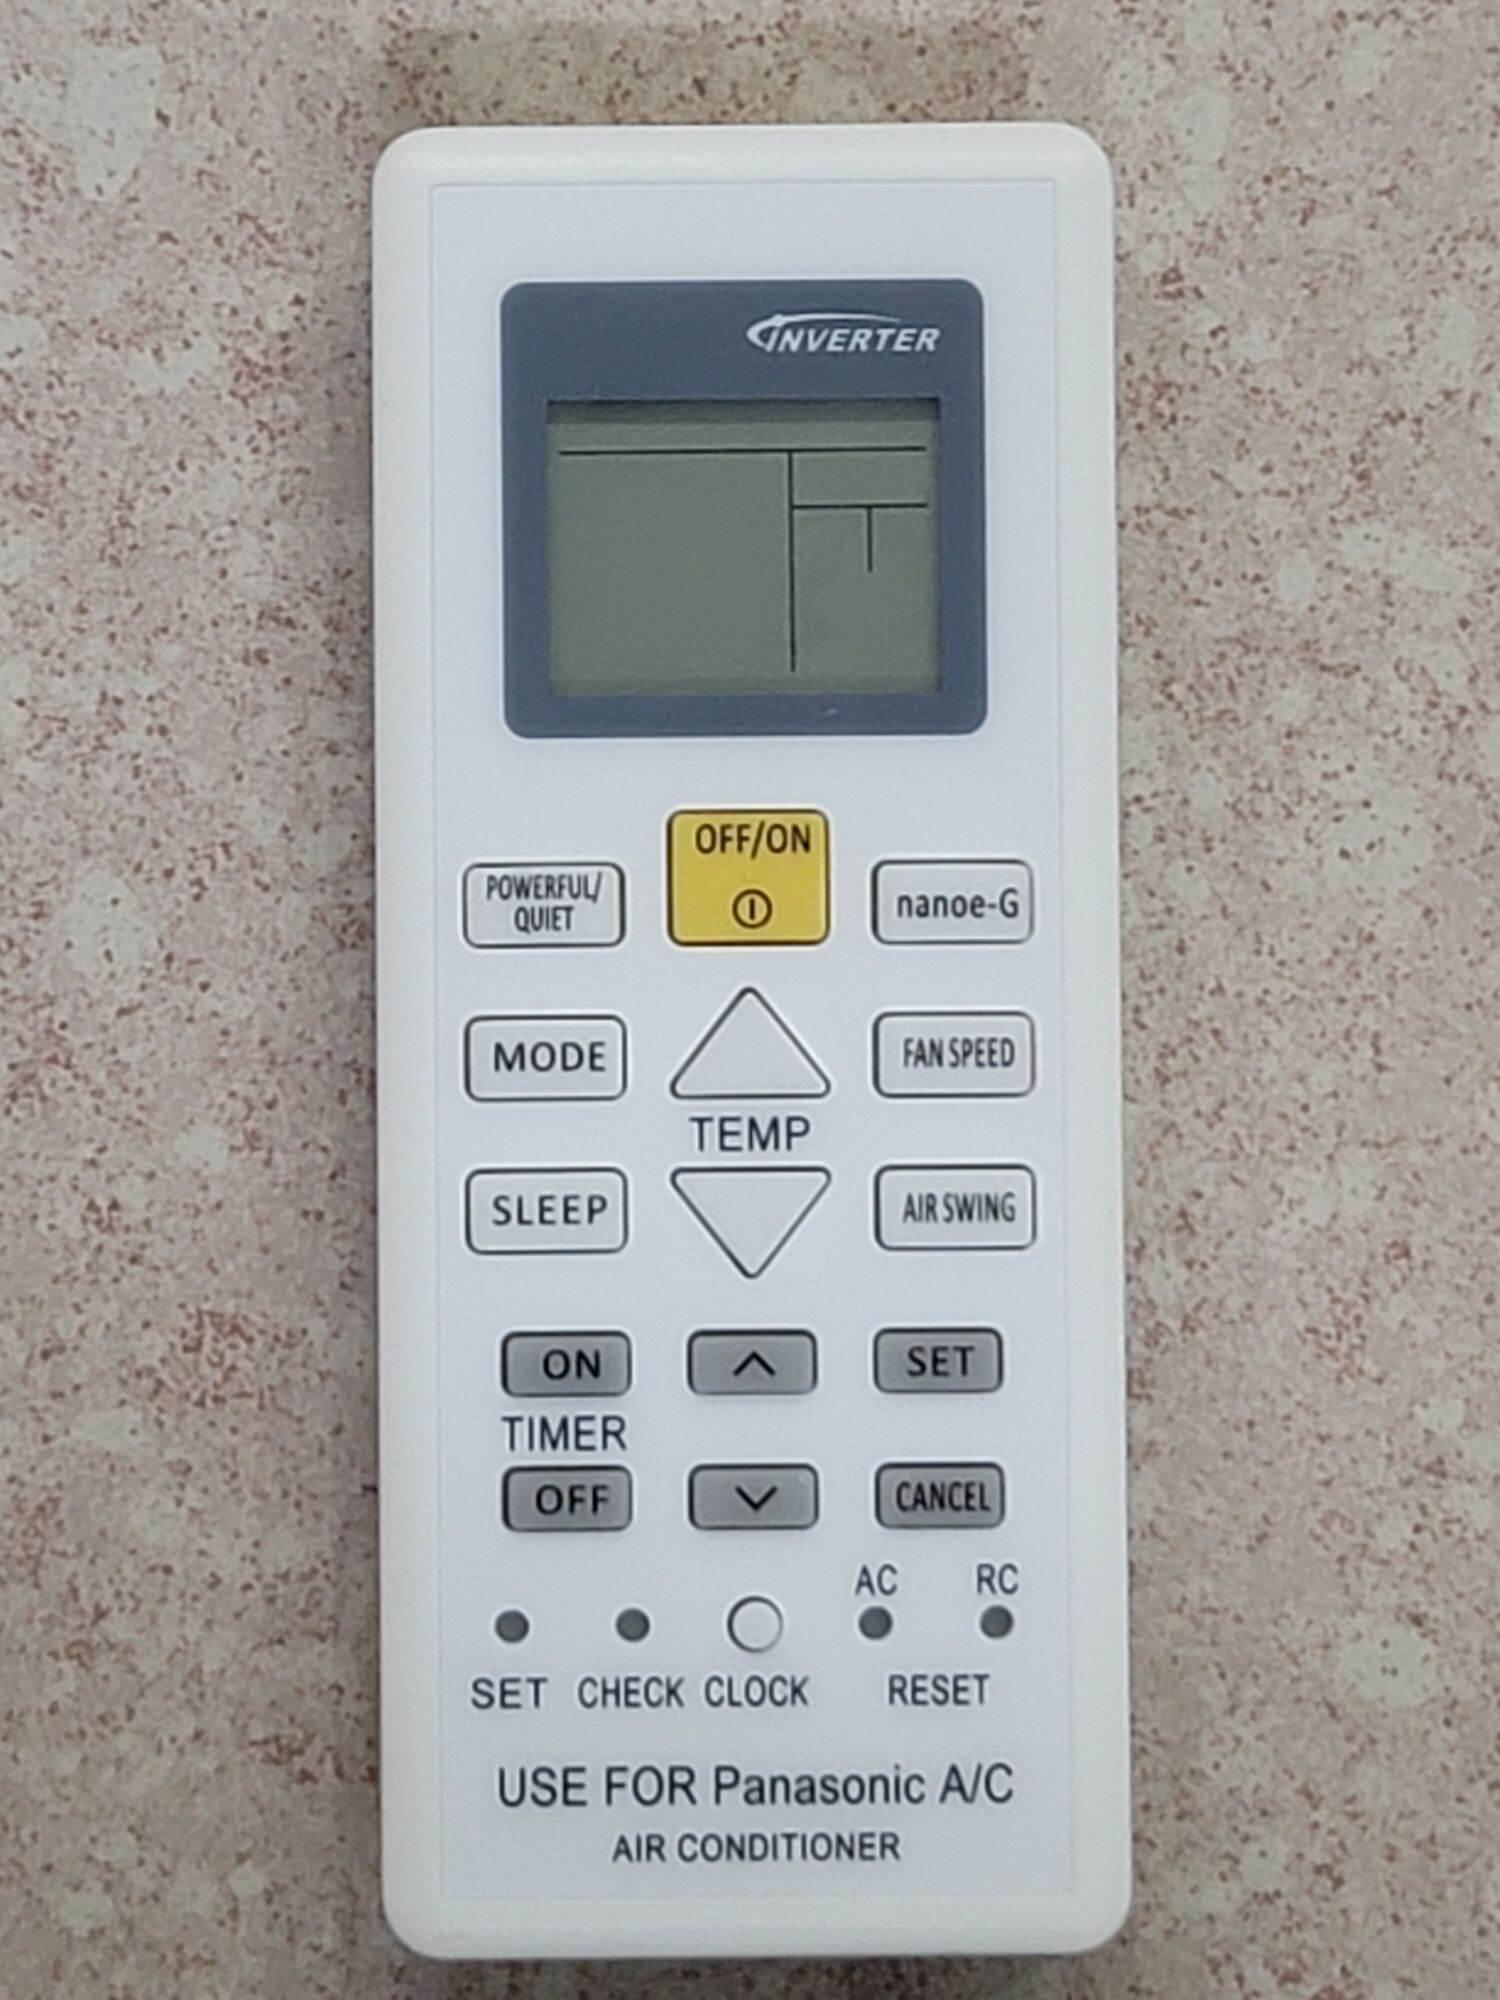 remote Khiển máy lạnh panasonic dòng PUxUKH, PUxUKH-POWEFUL/QUIET